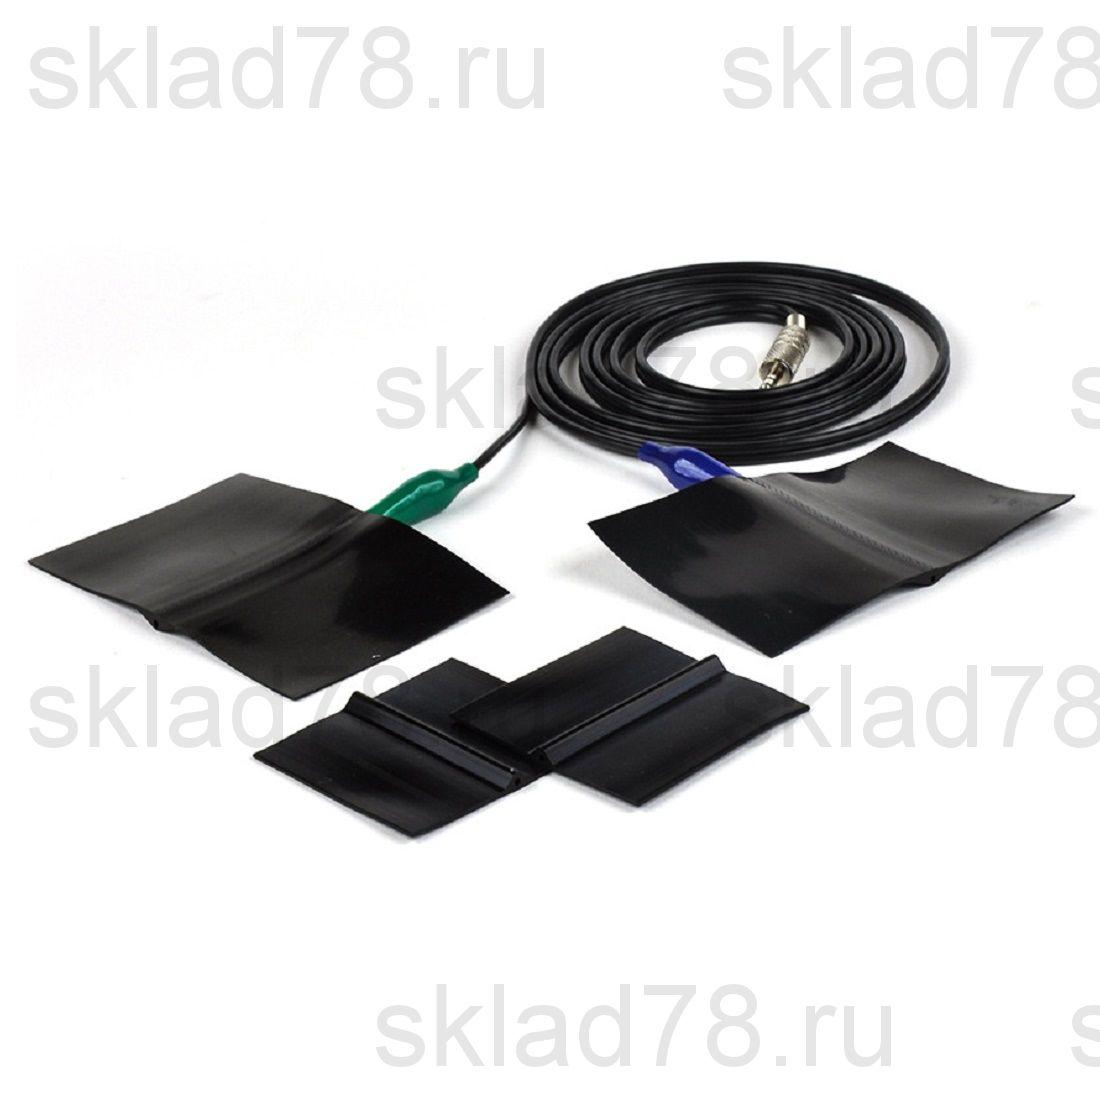 Электрод для тела 50 х 50 мм.